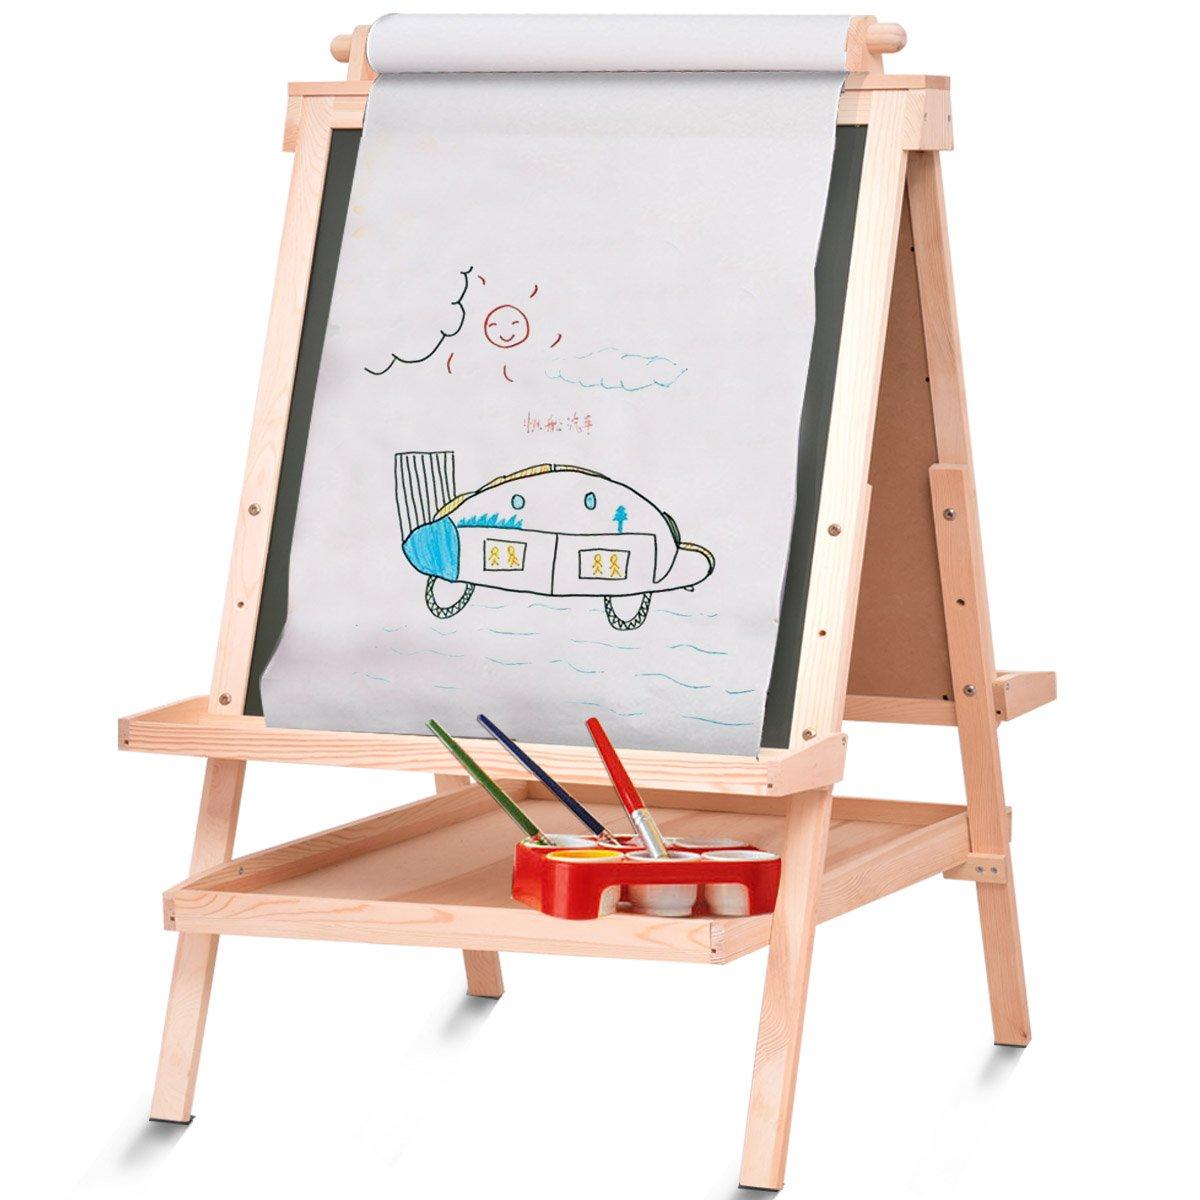 costzon kids wooden art easel adjustable double side standing easel w paper rol ebay. Black Bedroom Furniture Sets. Home Design Ideas